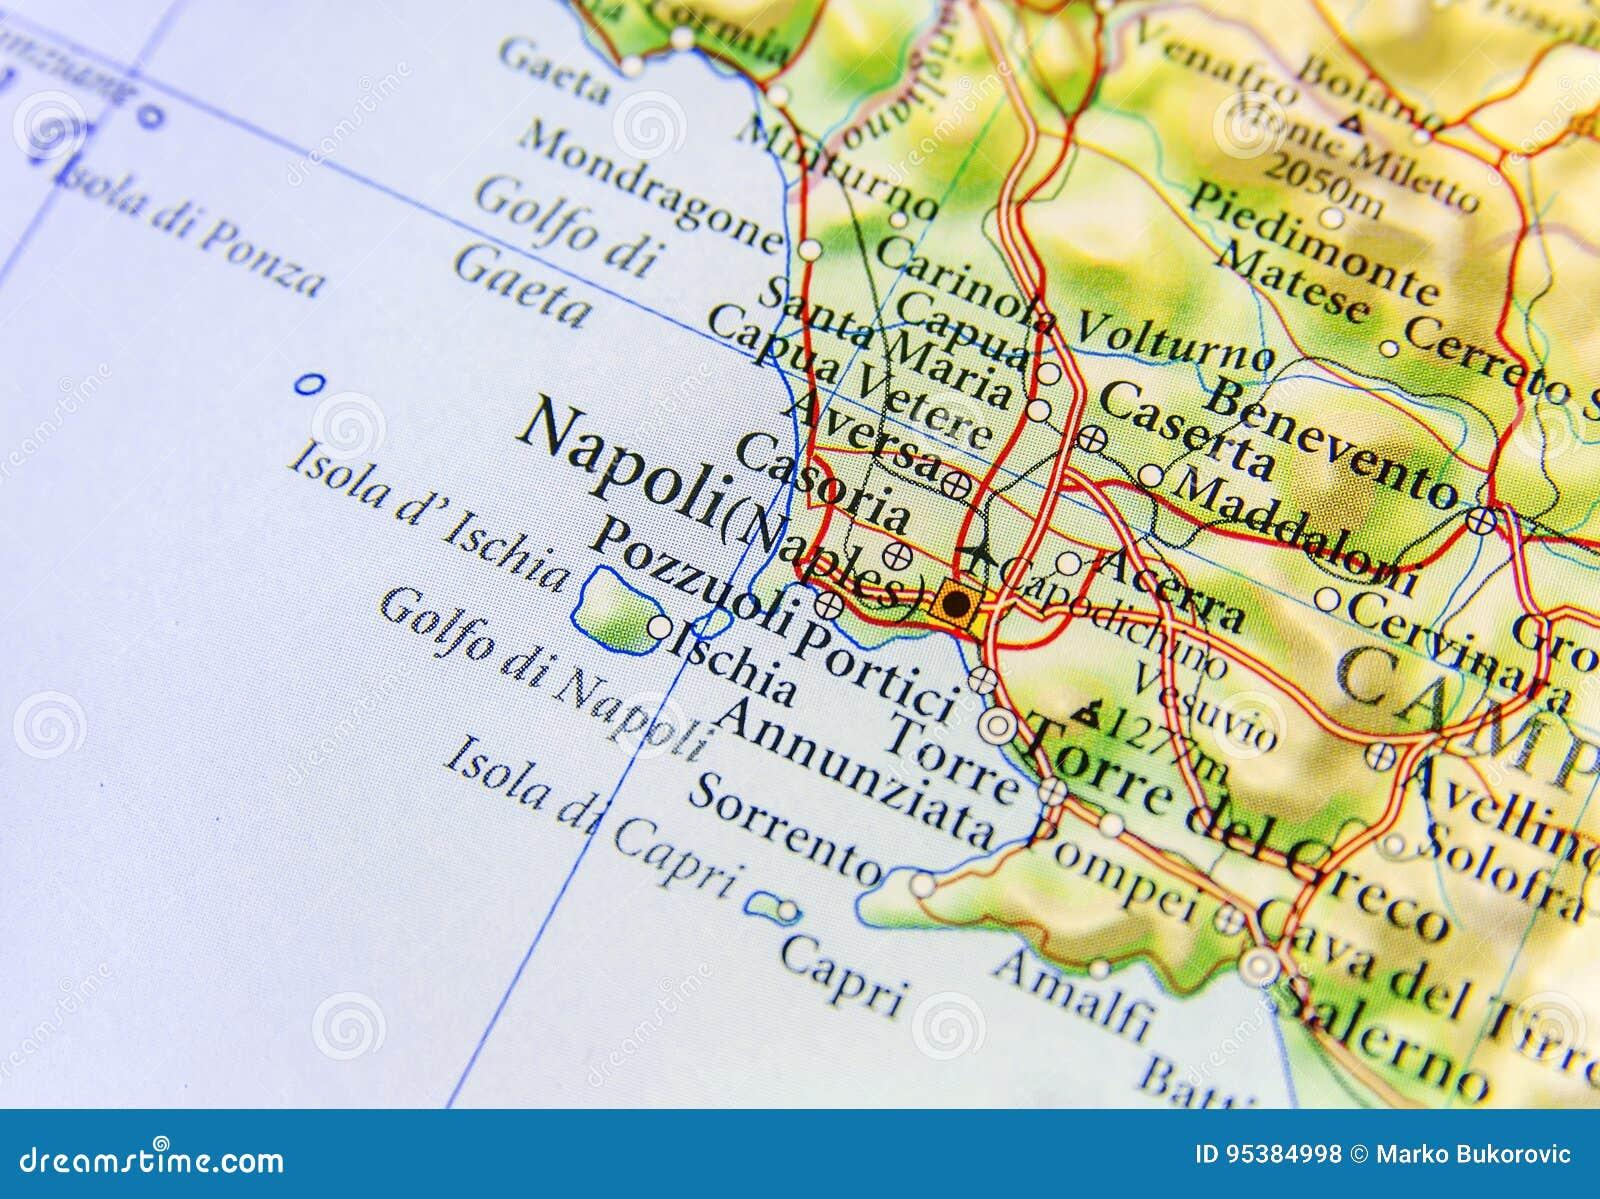 Cartina Stradale Di Napoli Citta.Mappa Geografica Di Paese Europeo Italia Con La Citta Di Napoli Fotografia Stock Immagine Di Nearsighted Cartografico 95384998